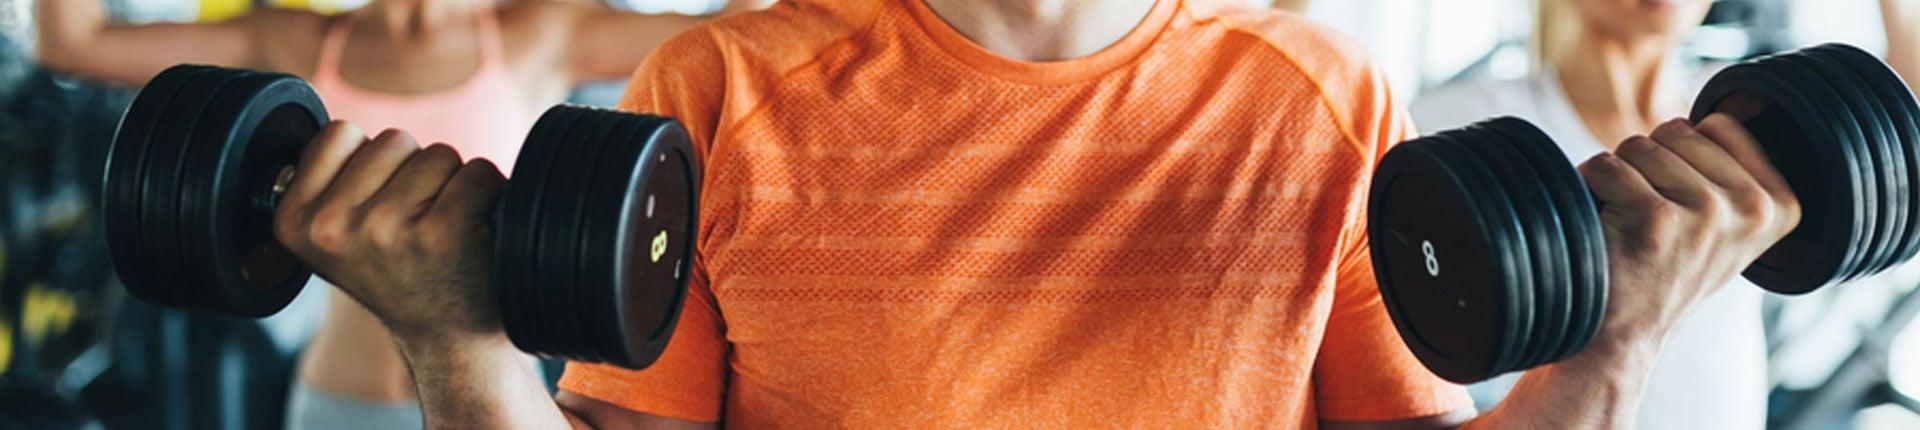 Cukrzyca, stan przedcukrzycowy - czy trening może pomóc?